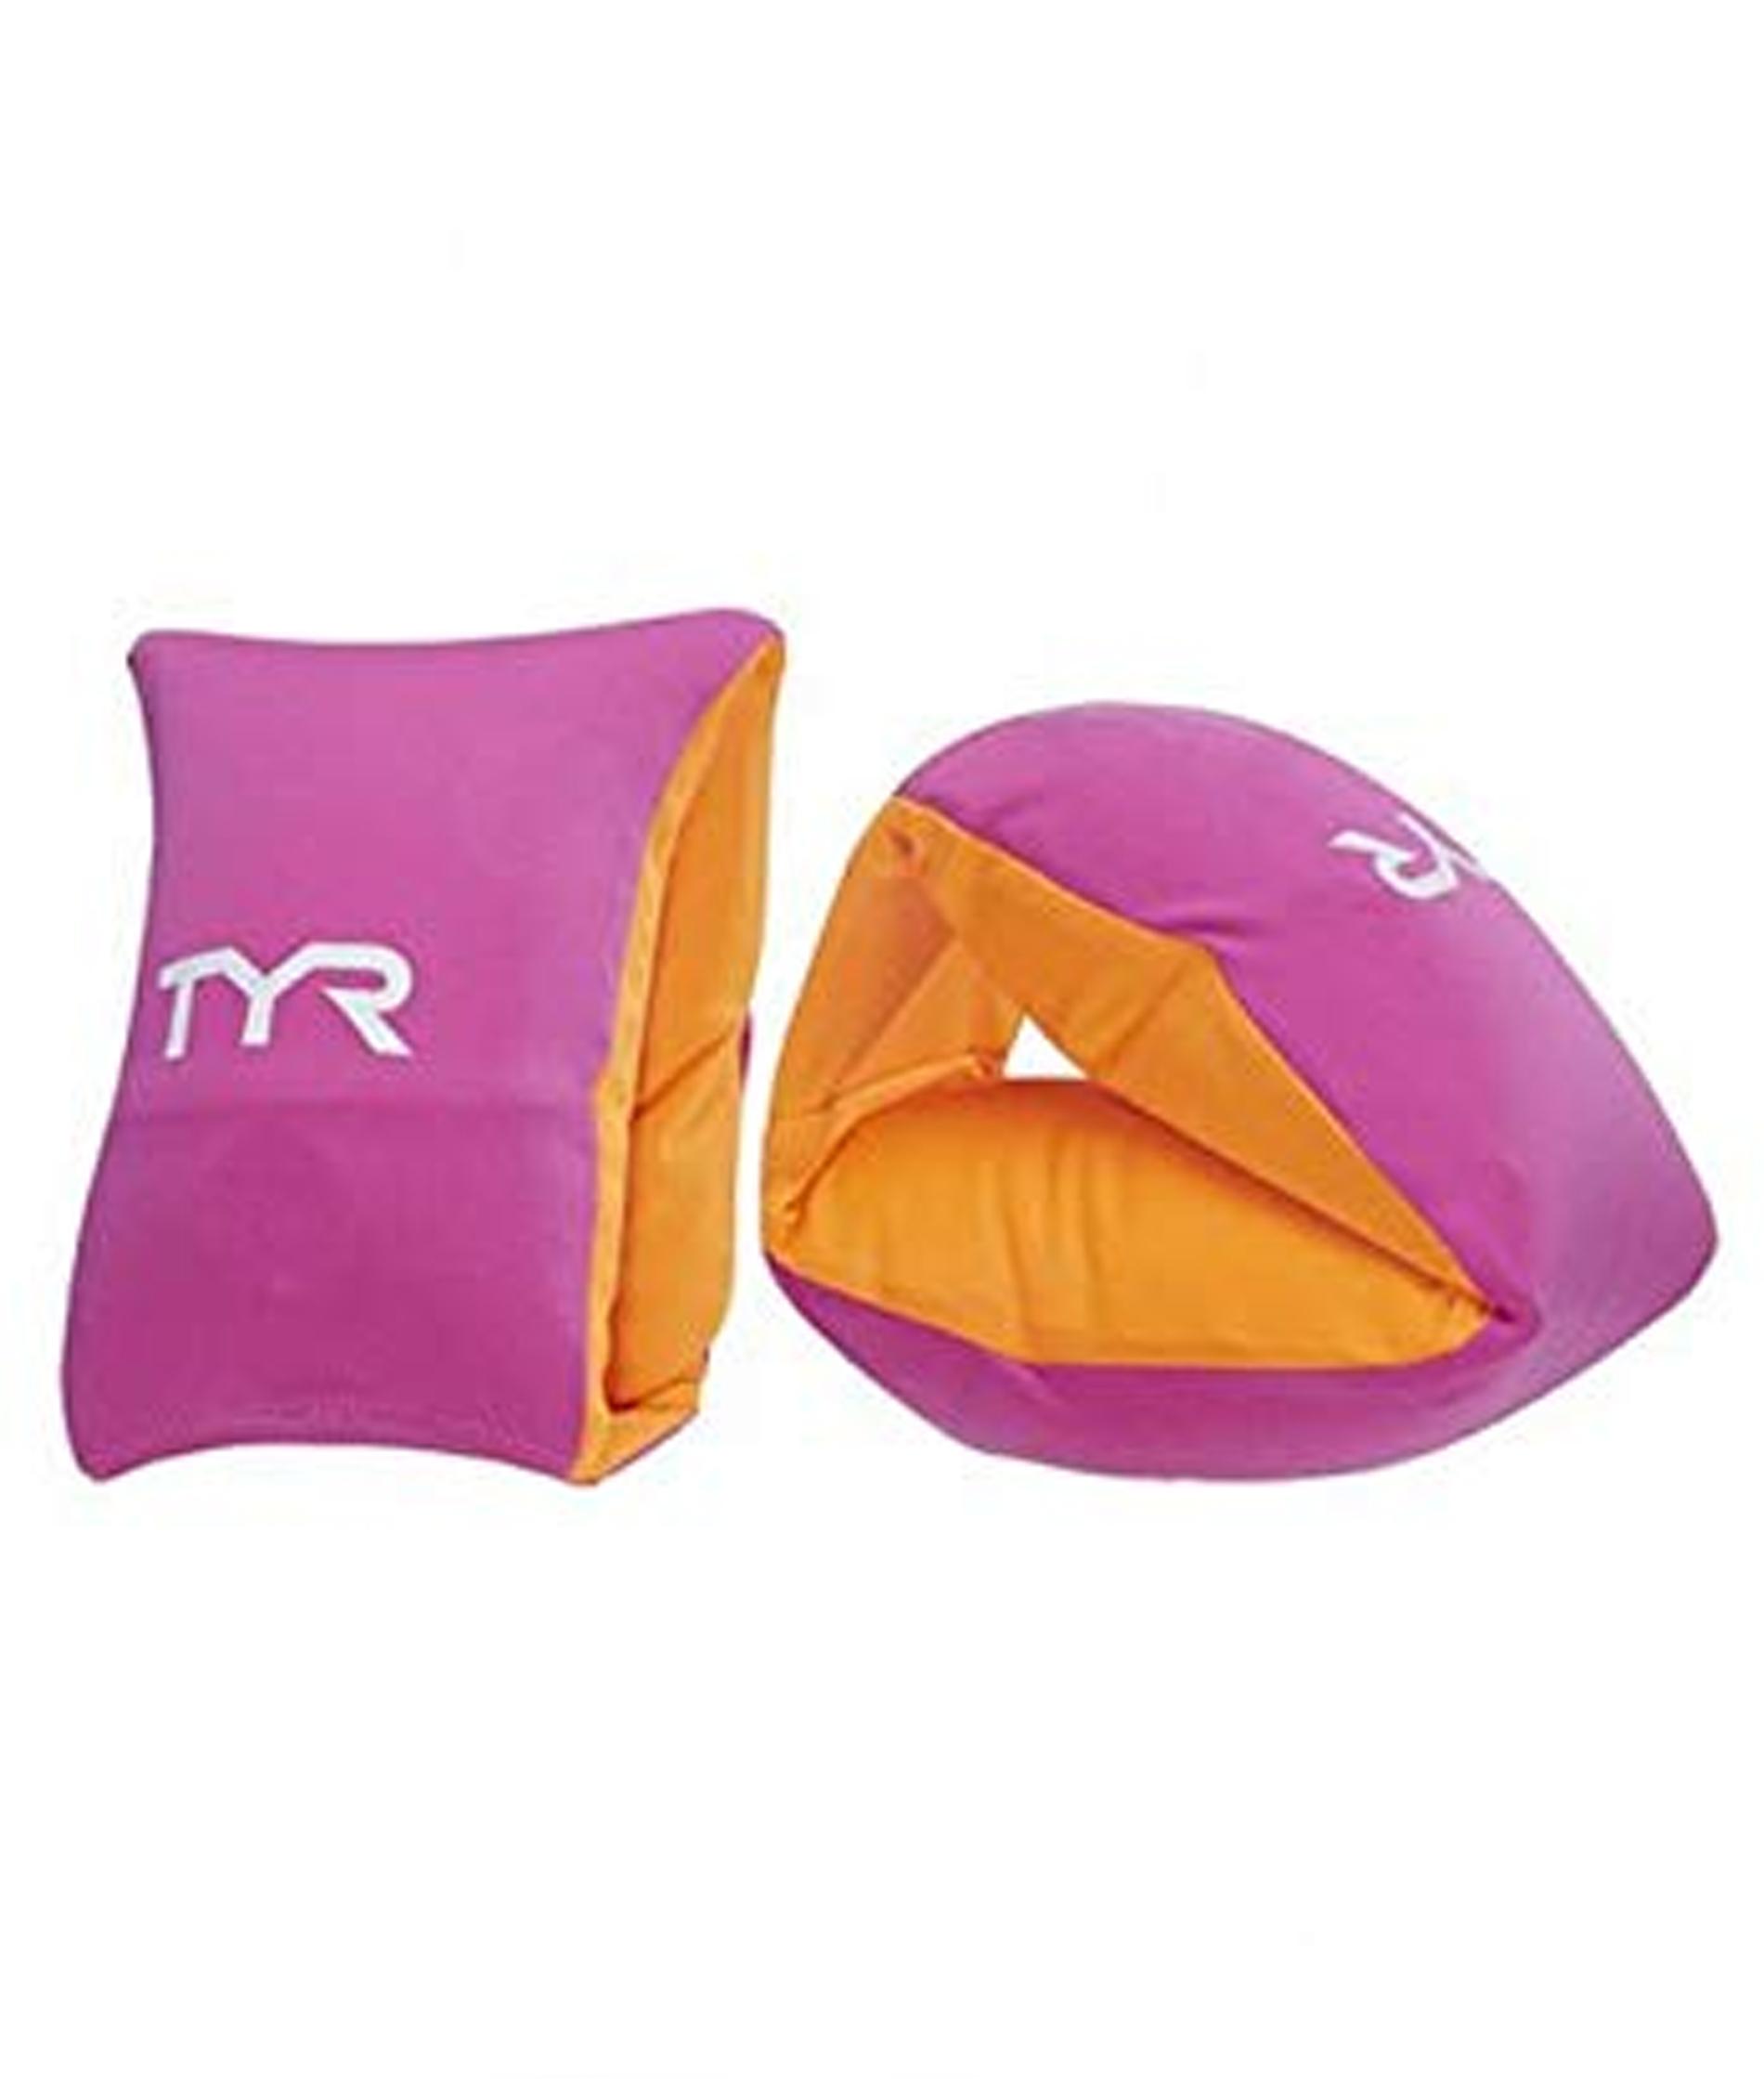 TYR Kids' Start to Swim Arm Floats - Pink/Orange